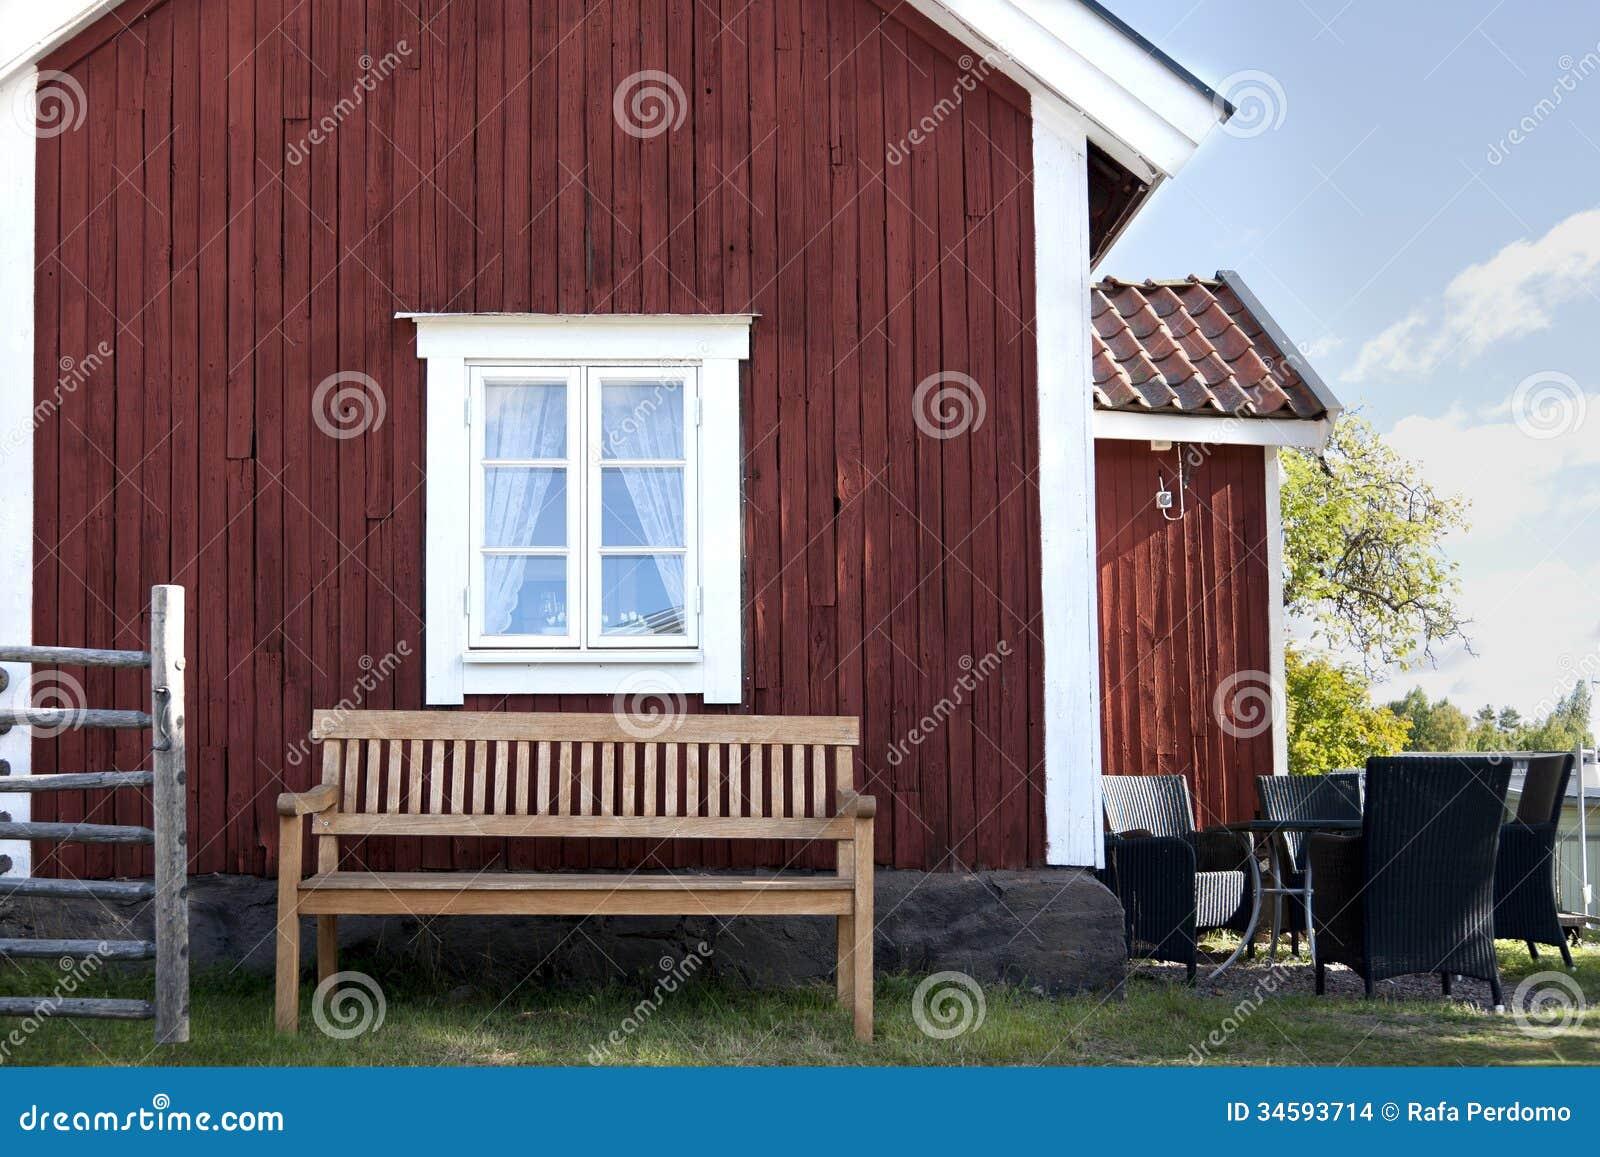 bänk utomhus ~ bänk utomhus arkivbilder  bild 34593714